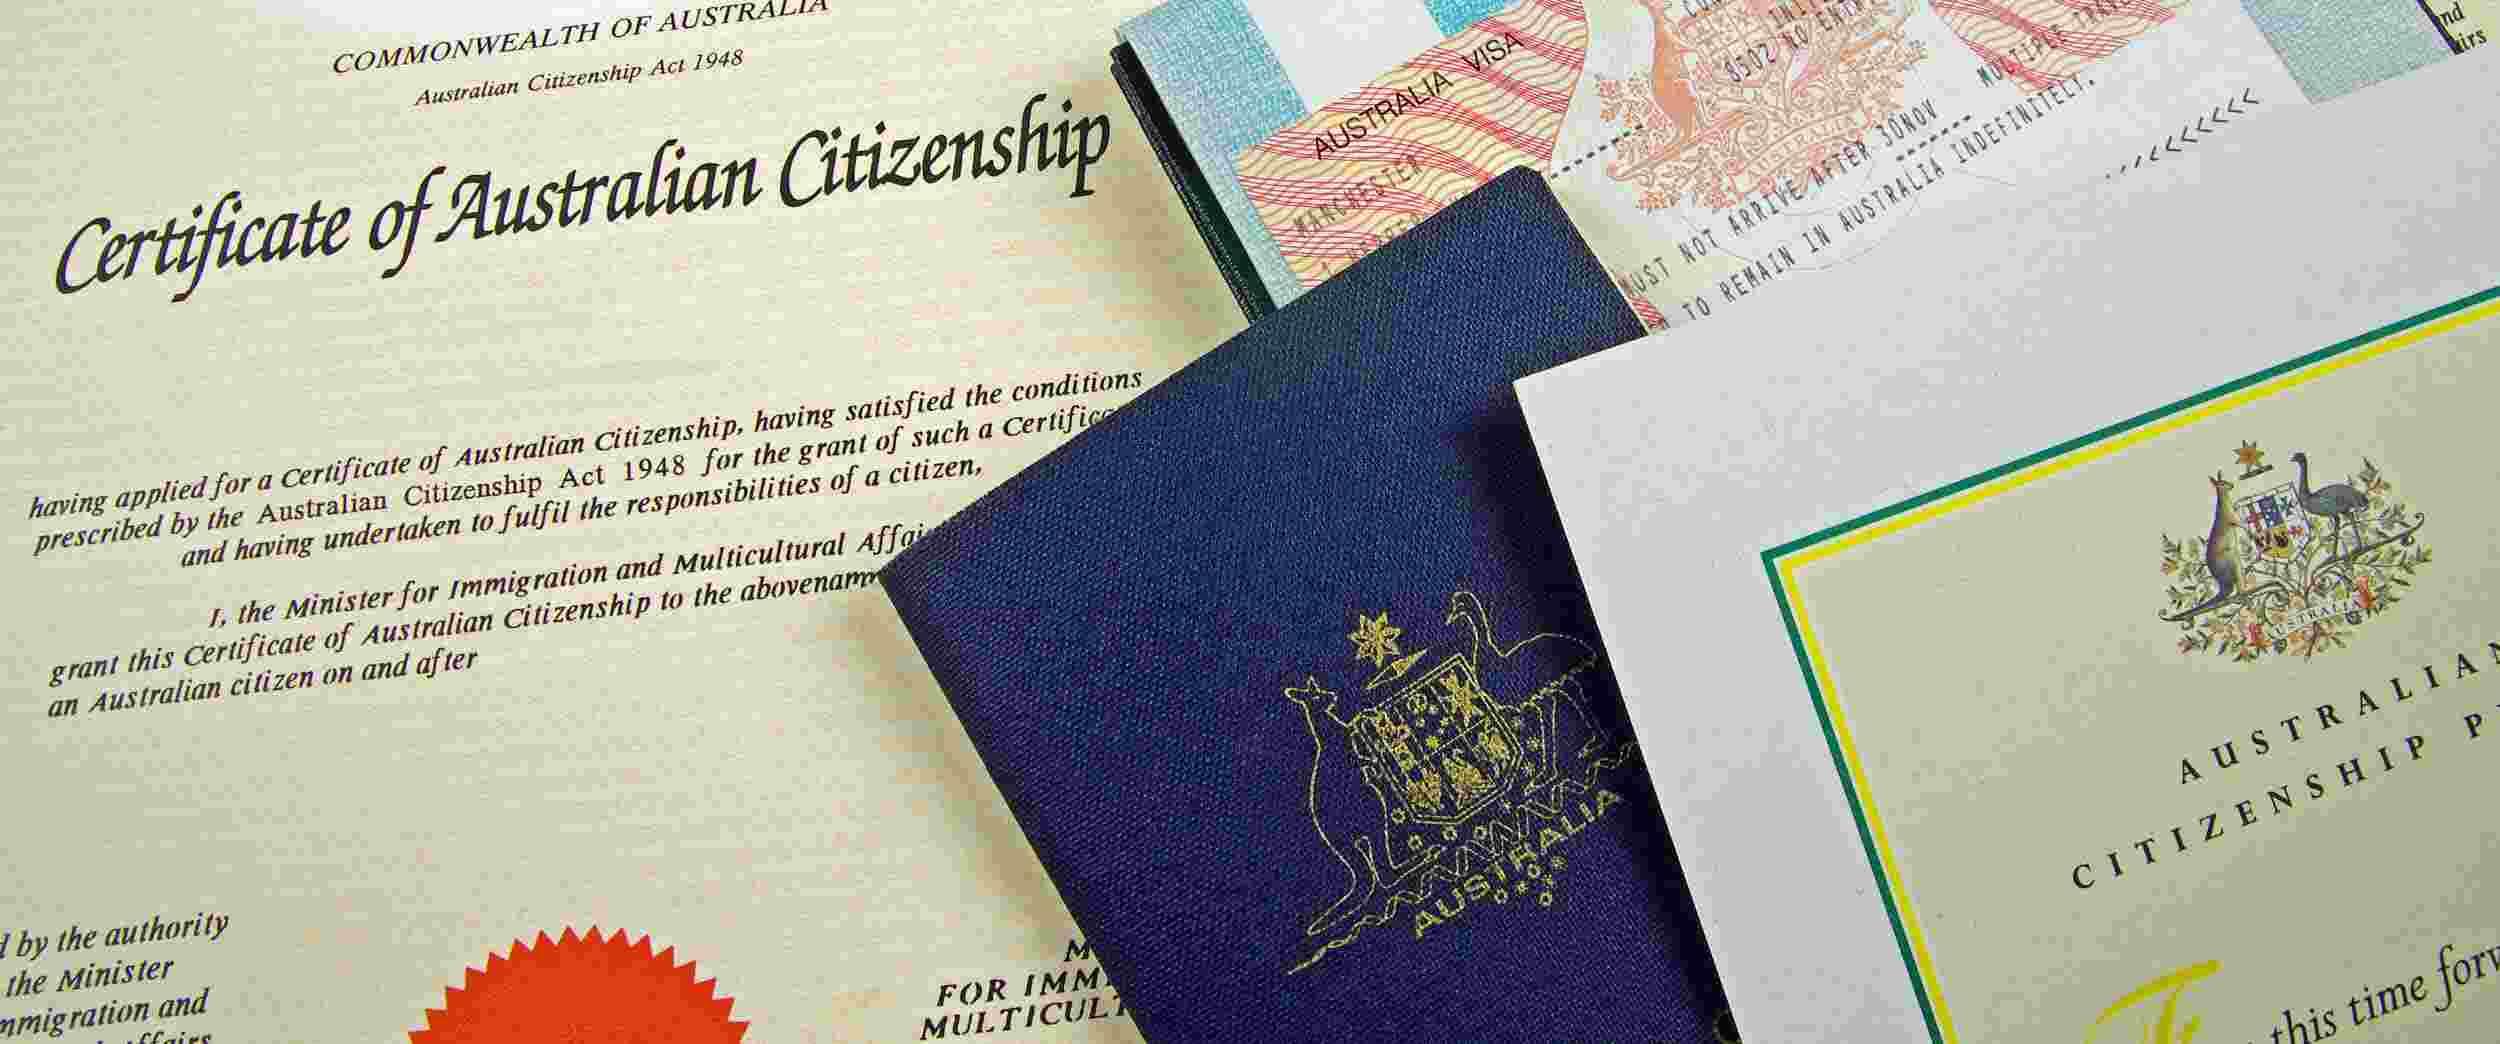 جدیدترین قانون مهاجرت به استرالیا